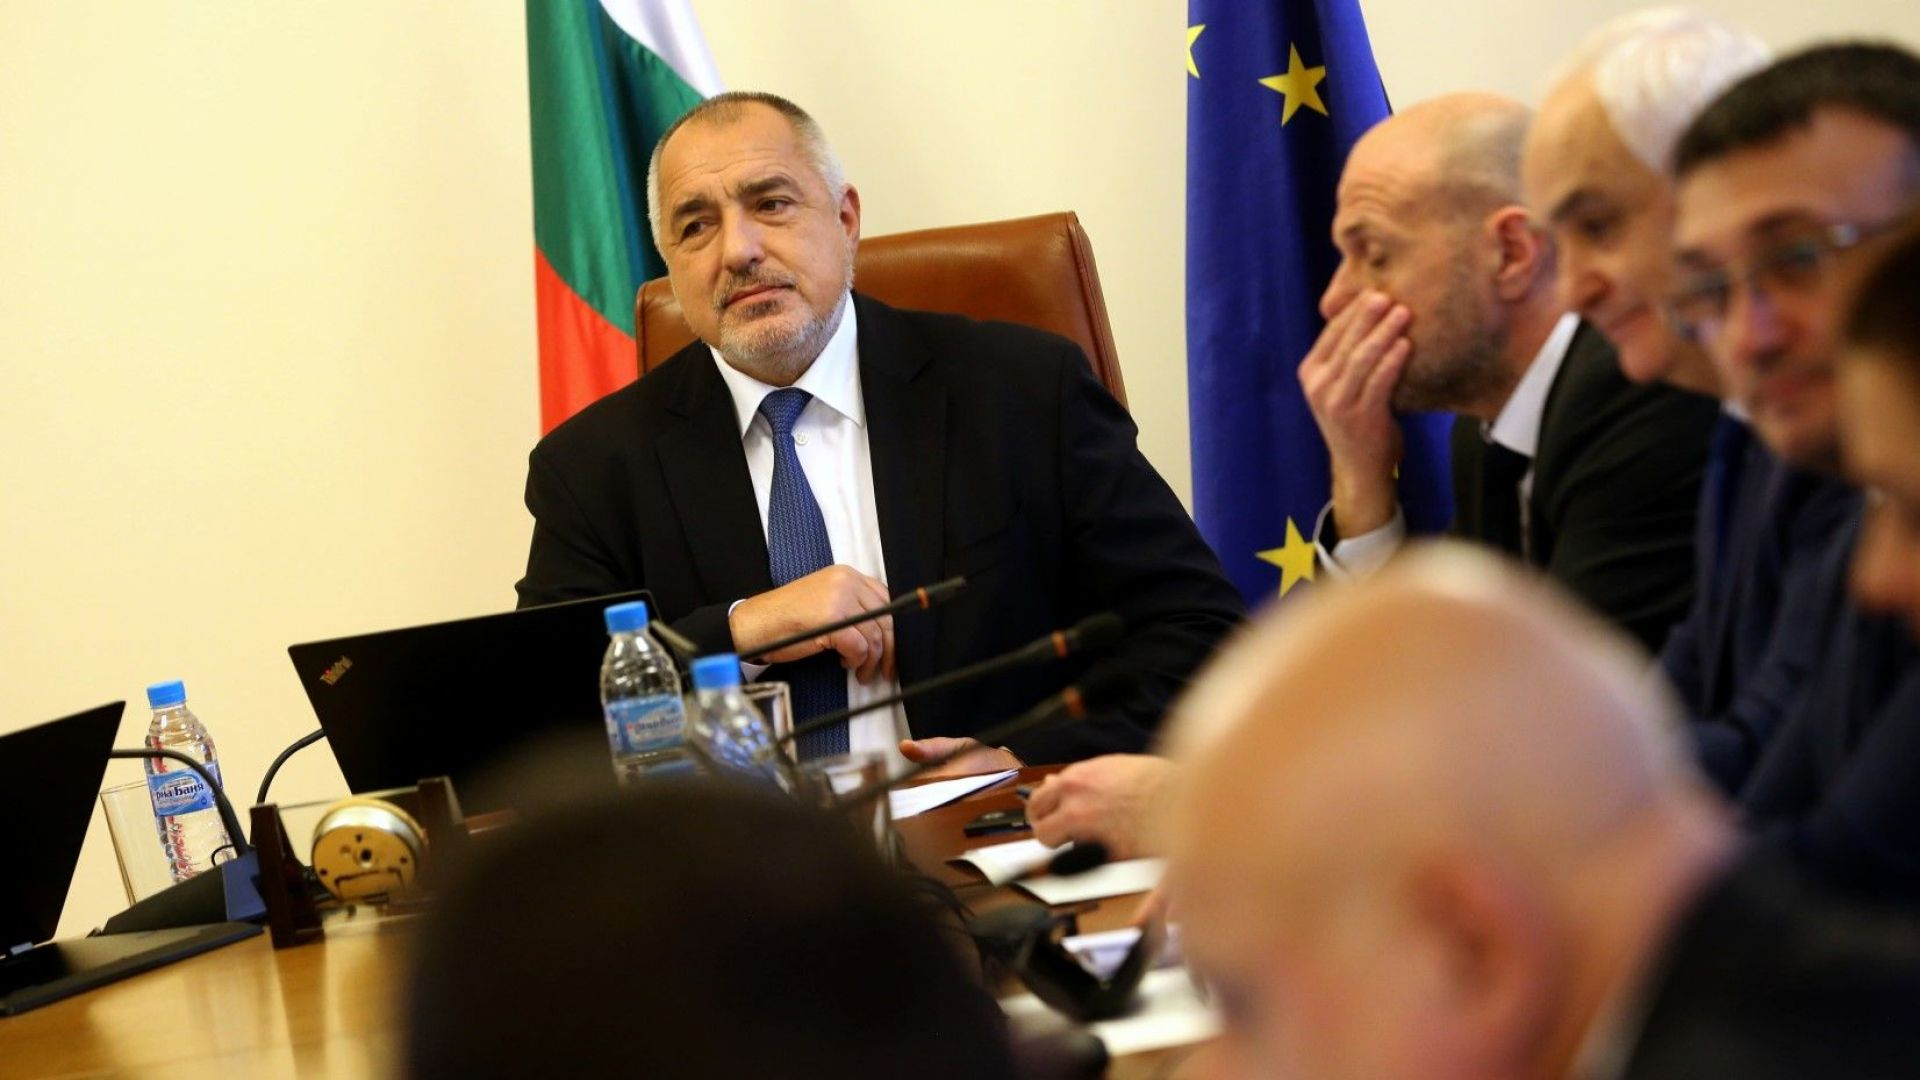 Борисов към министрите: Отчетохме рекордни приходи, съкращавайте администрация